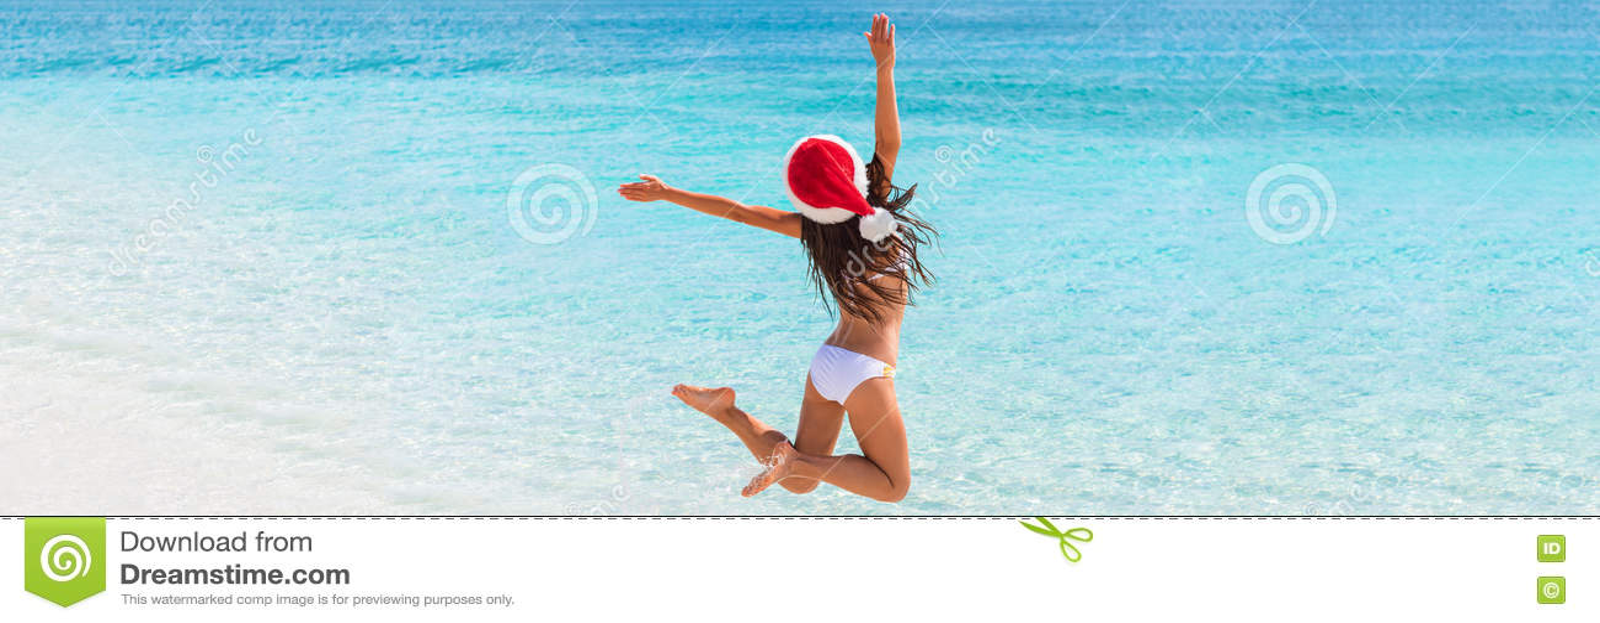 Bożenarodzeniowy zabawy plaży sztandaru panoramy tło